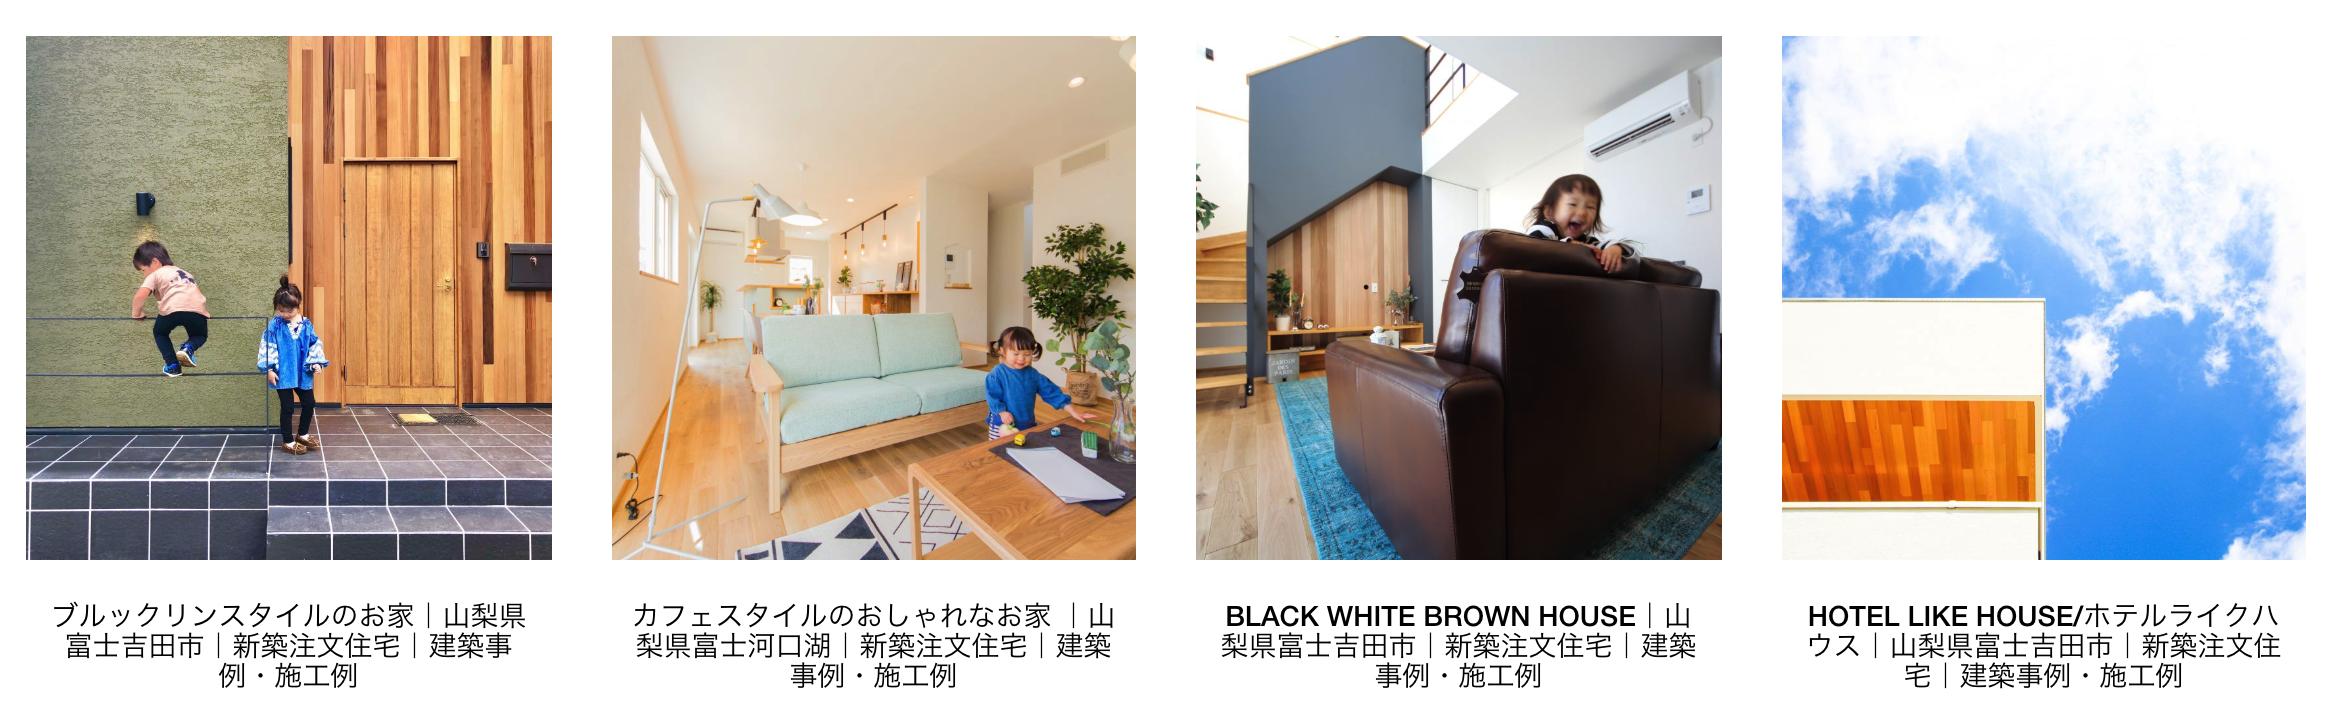 山梨県の工務店、未来建築工房とつくる注文住宅。|建築事例・建築実例